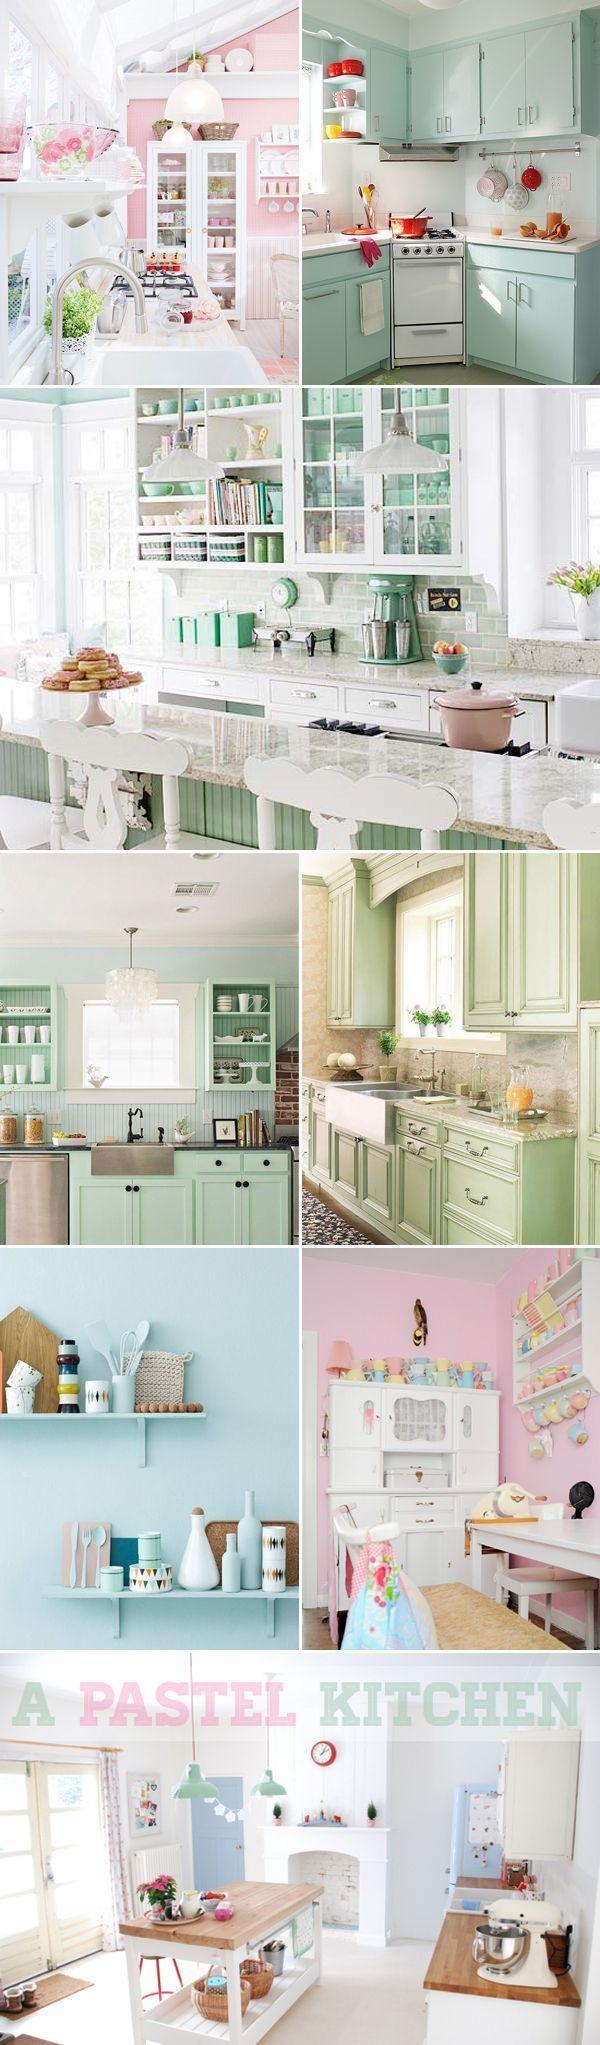 Pastel Kitchens                                                                                                                                                                                 More